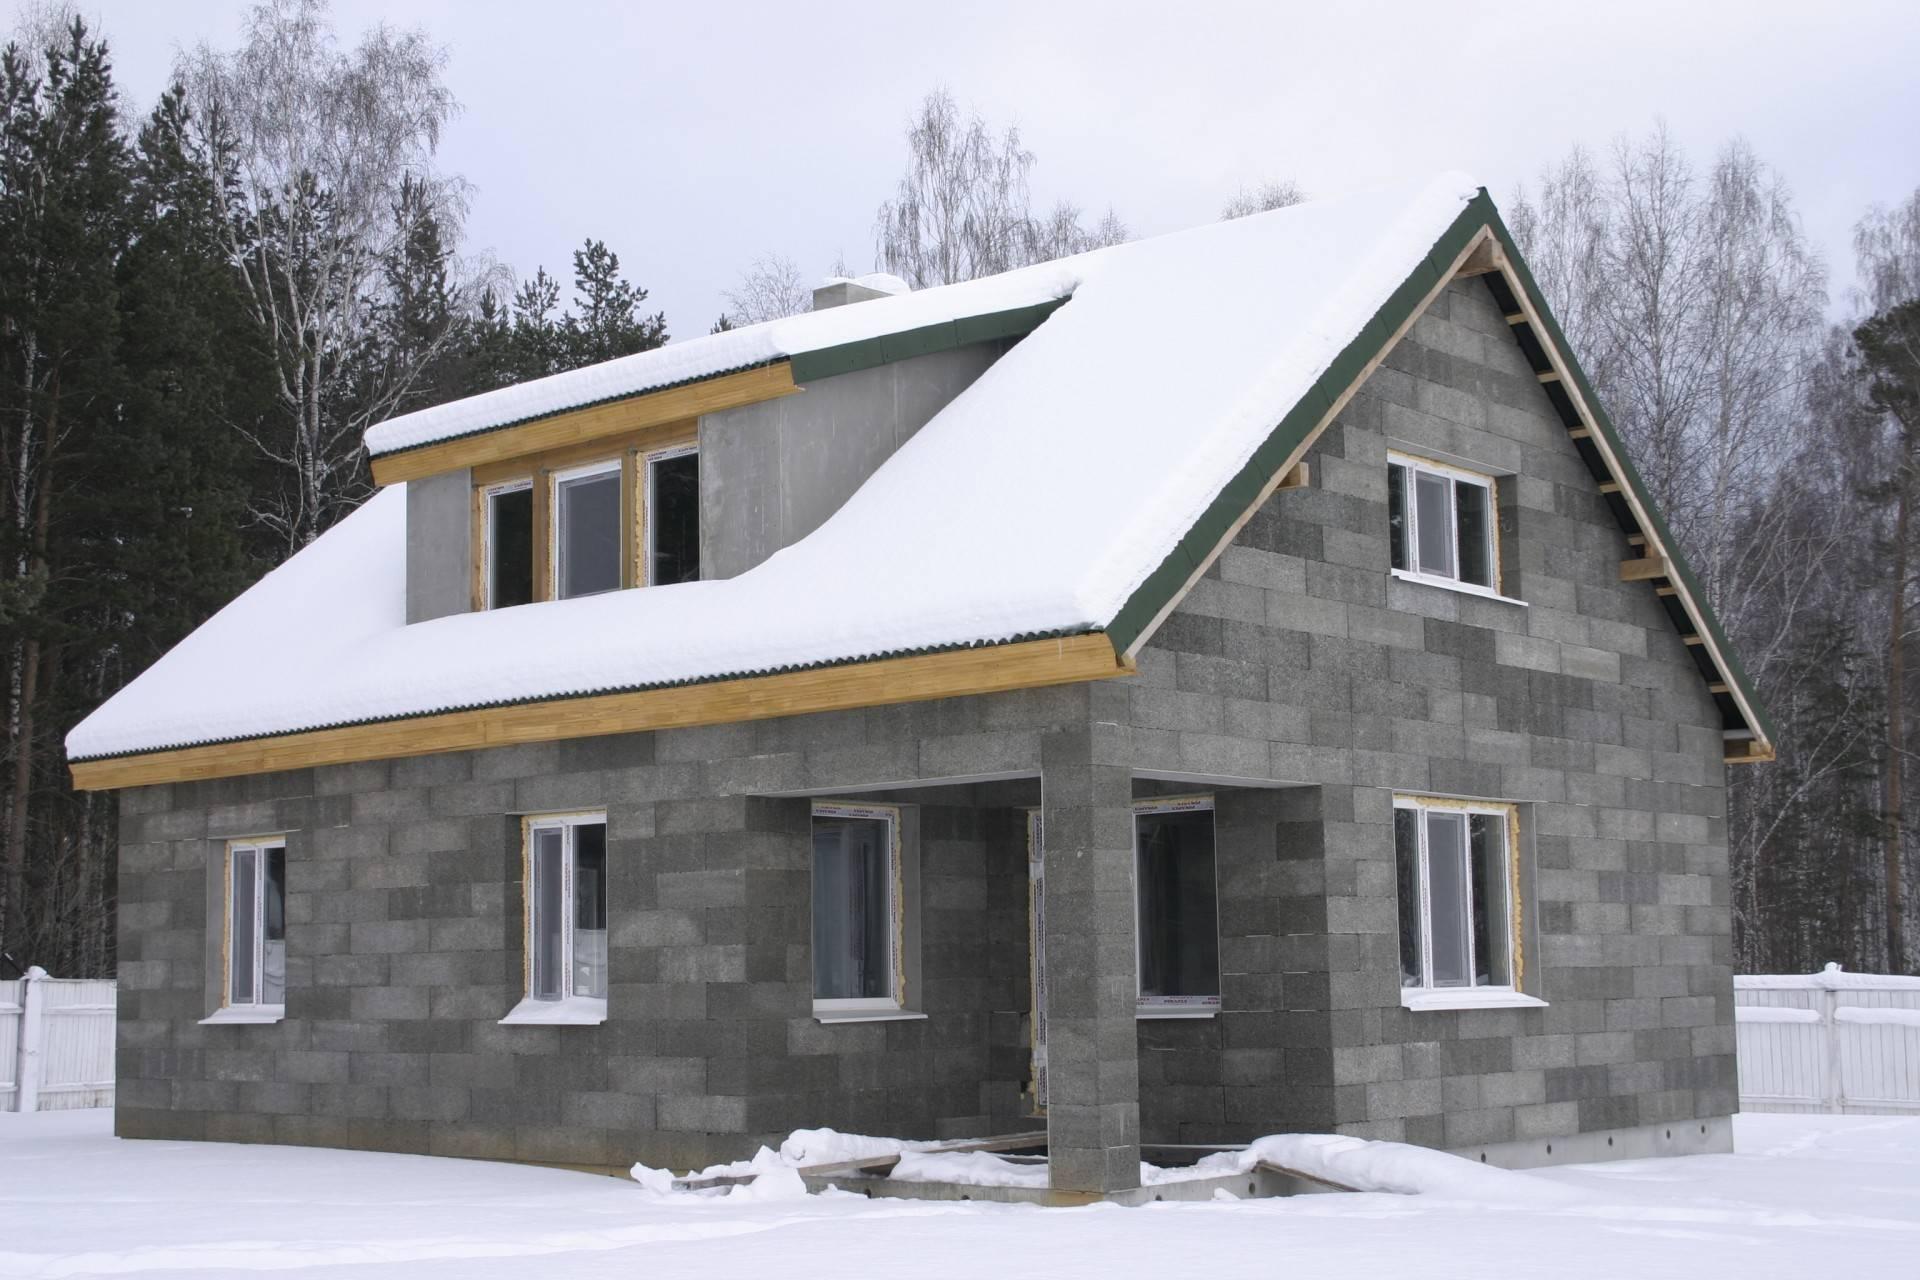 Проект частного дома из пеноблоков: видео-инструкция по монтажу своими руками, особенности строительства строений для узких участков, фото